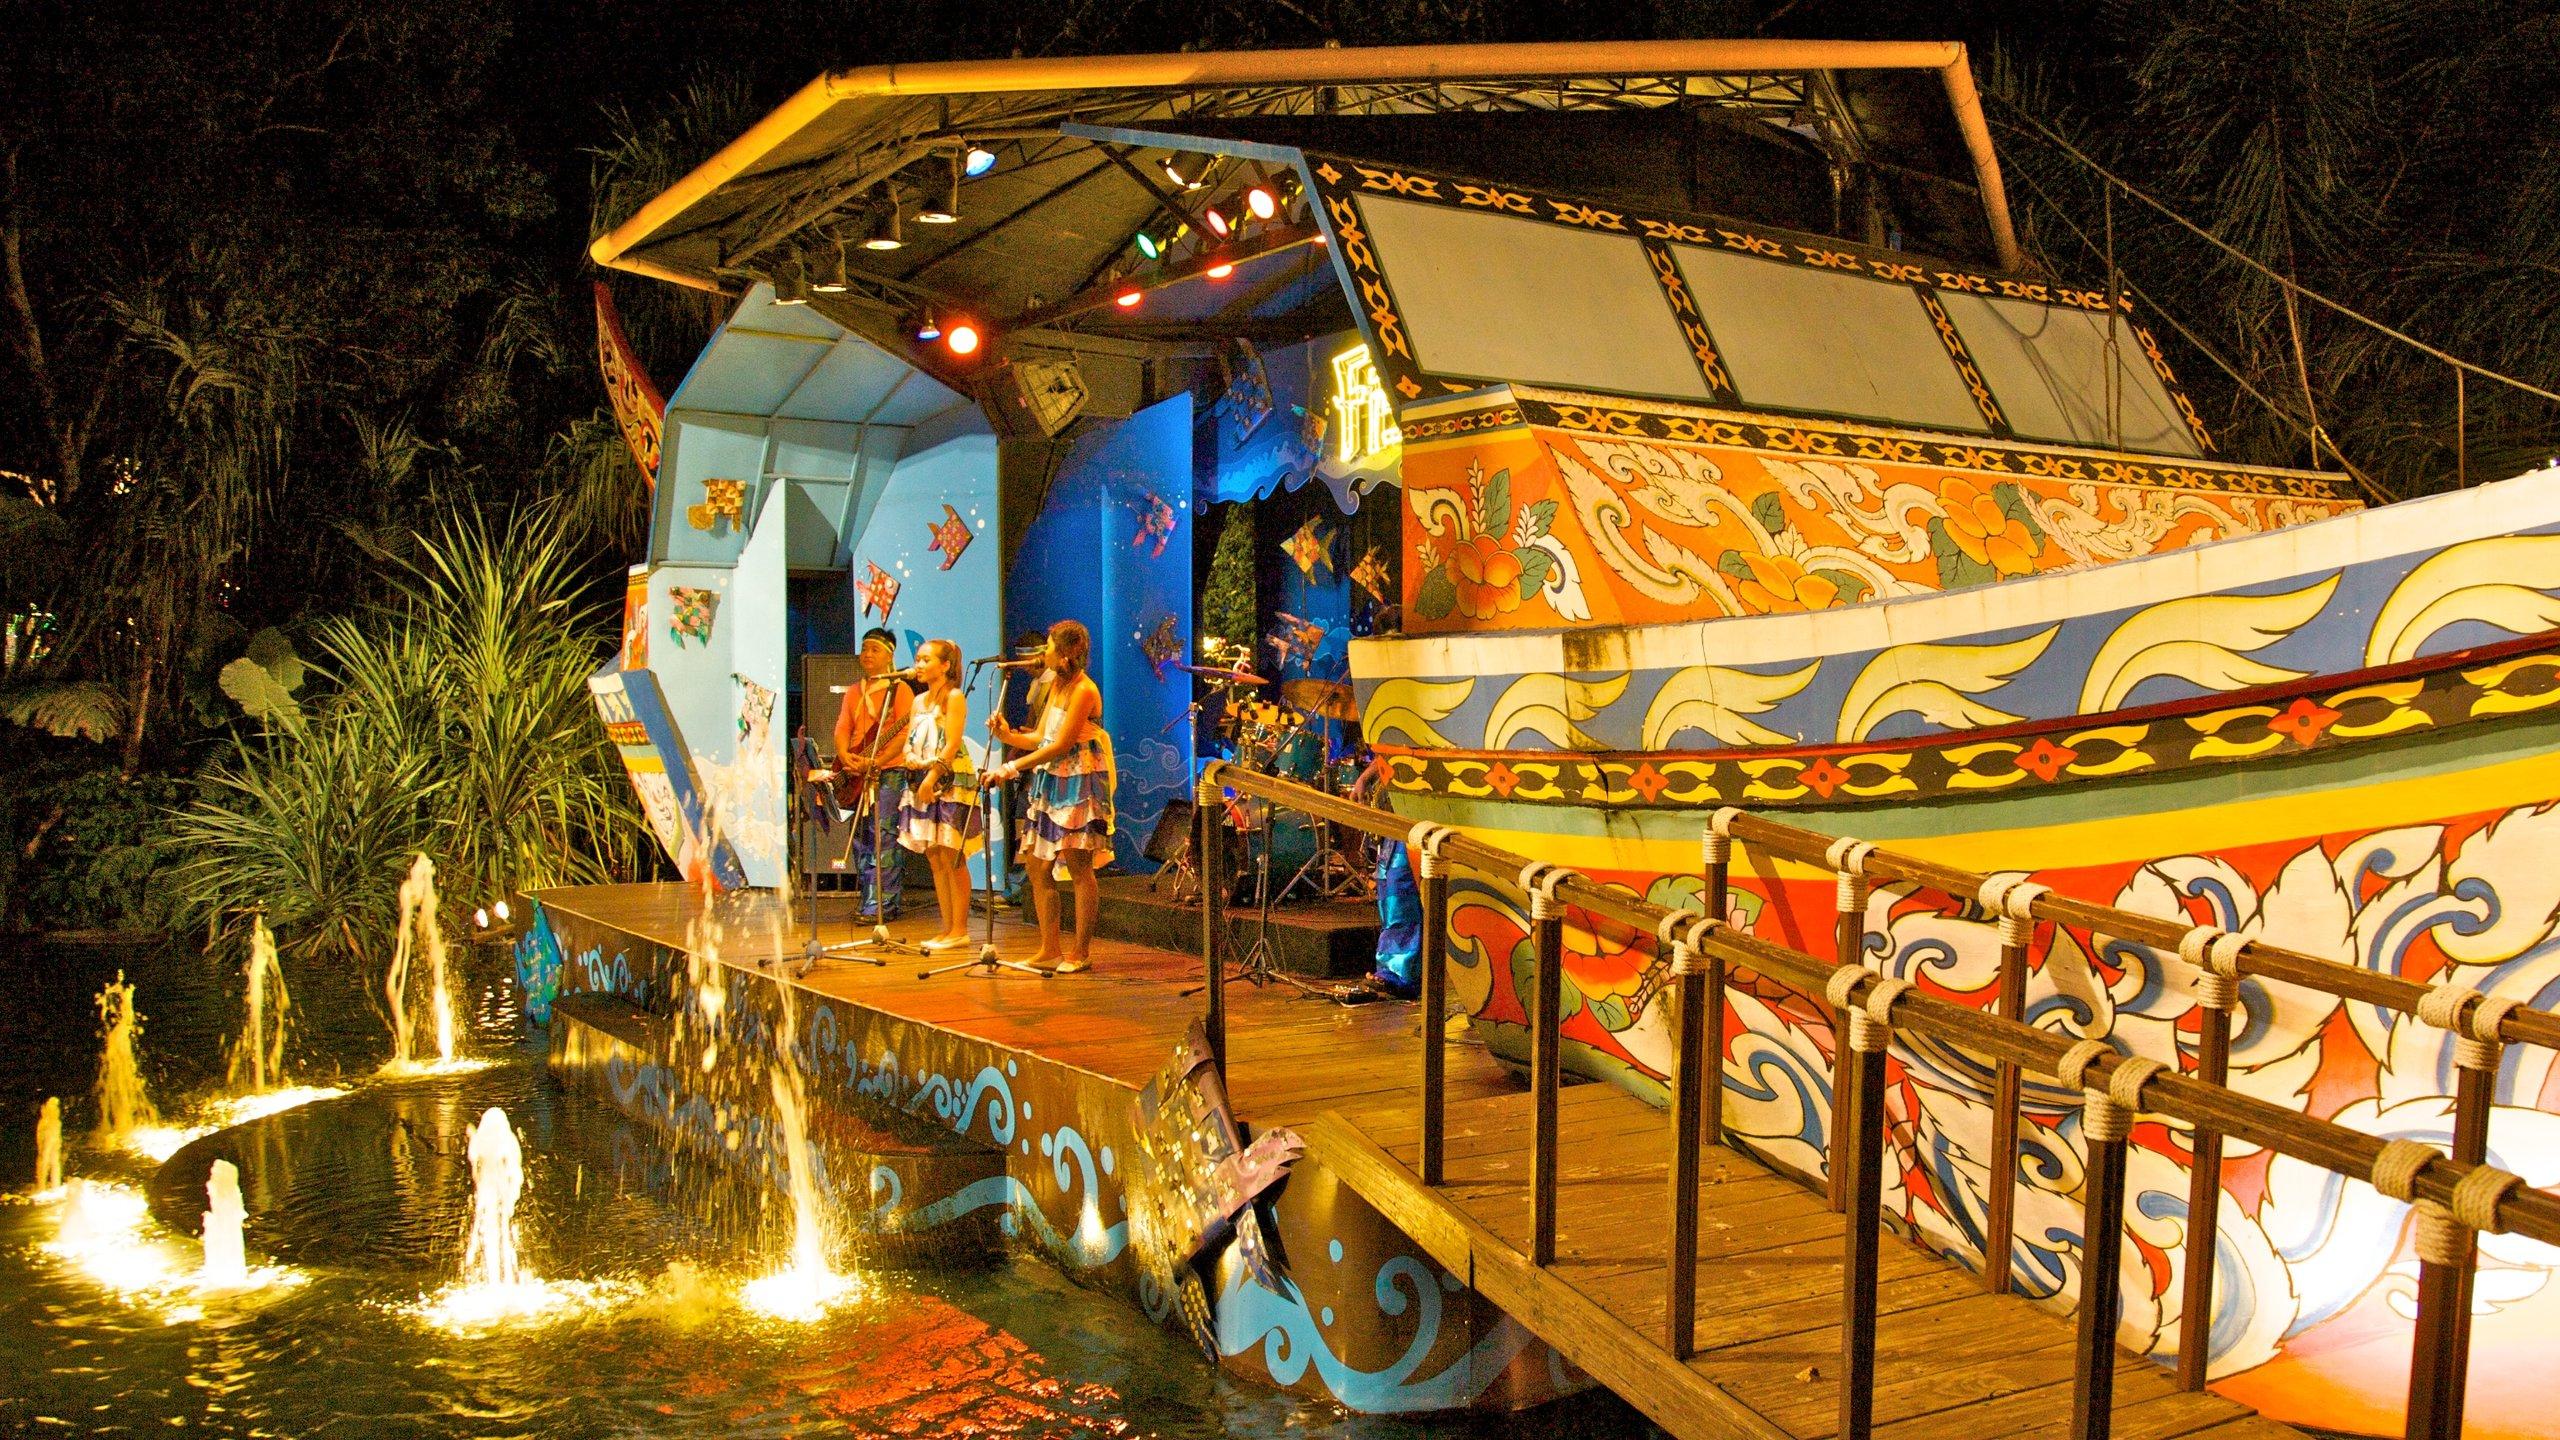 Phuket Fantasea, Kamala, Phuket Province, Thailand